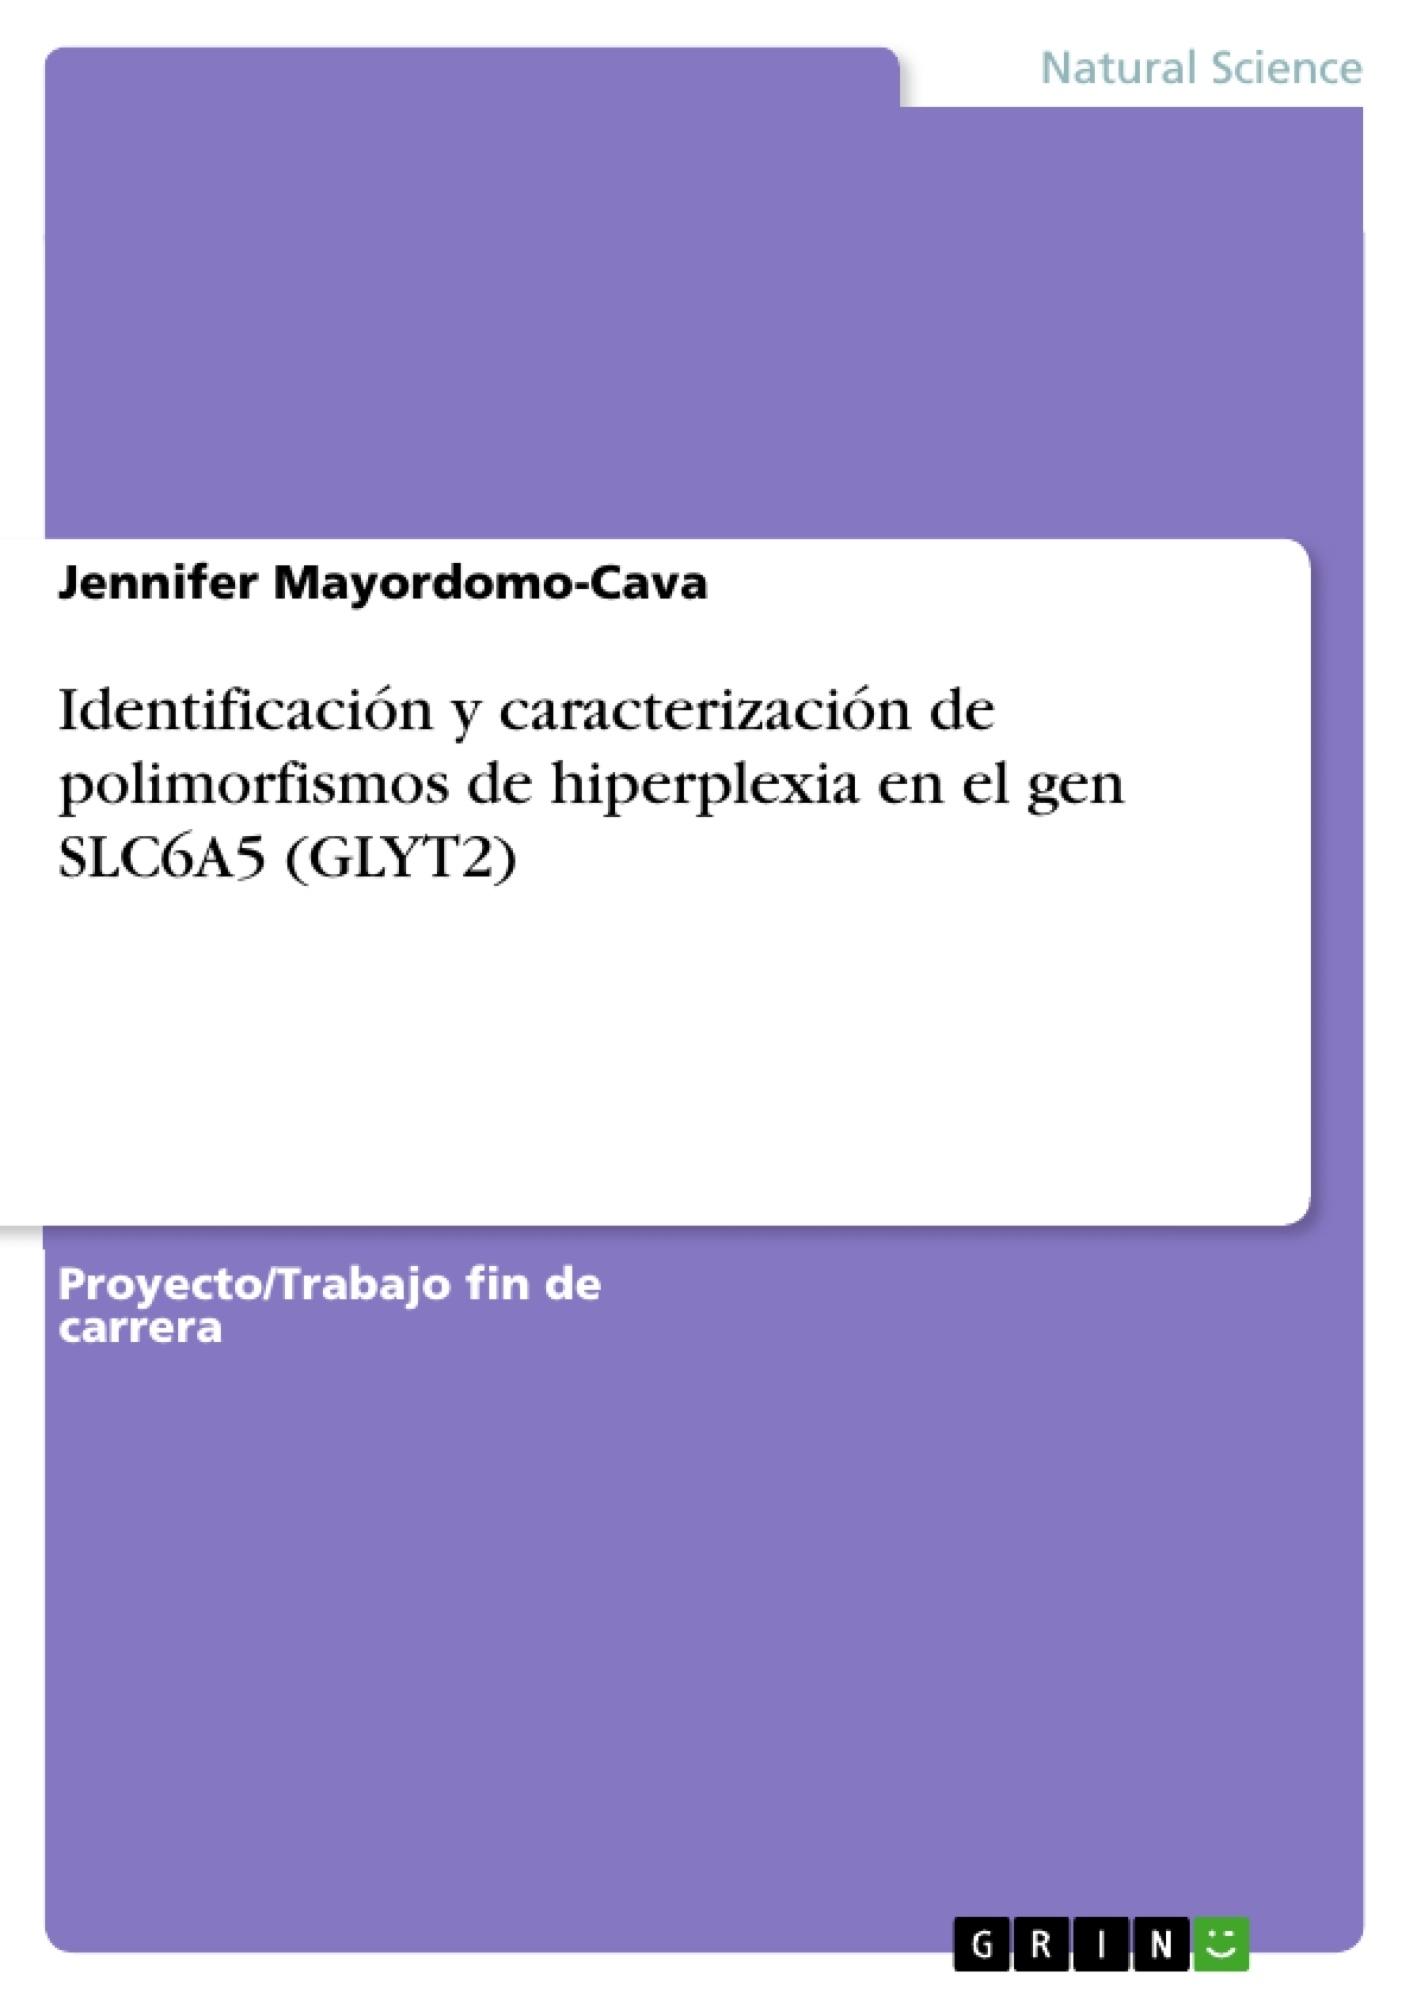 Título: Identificación y caracterización de polimorfismos de hiperplexia en el gen SLC6A5 (GLYT2)